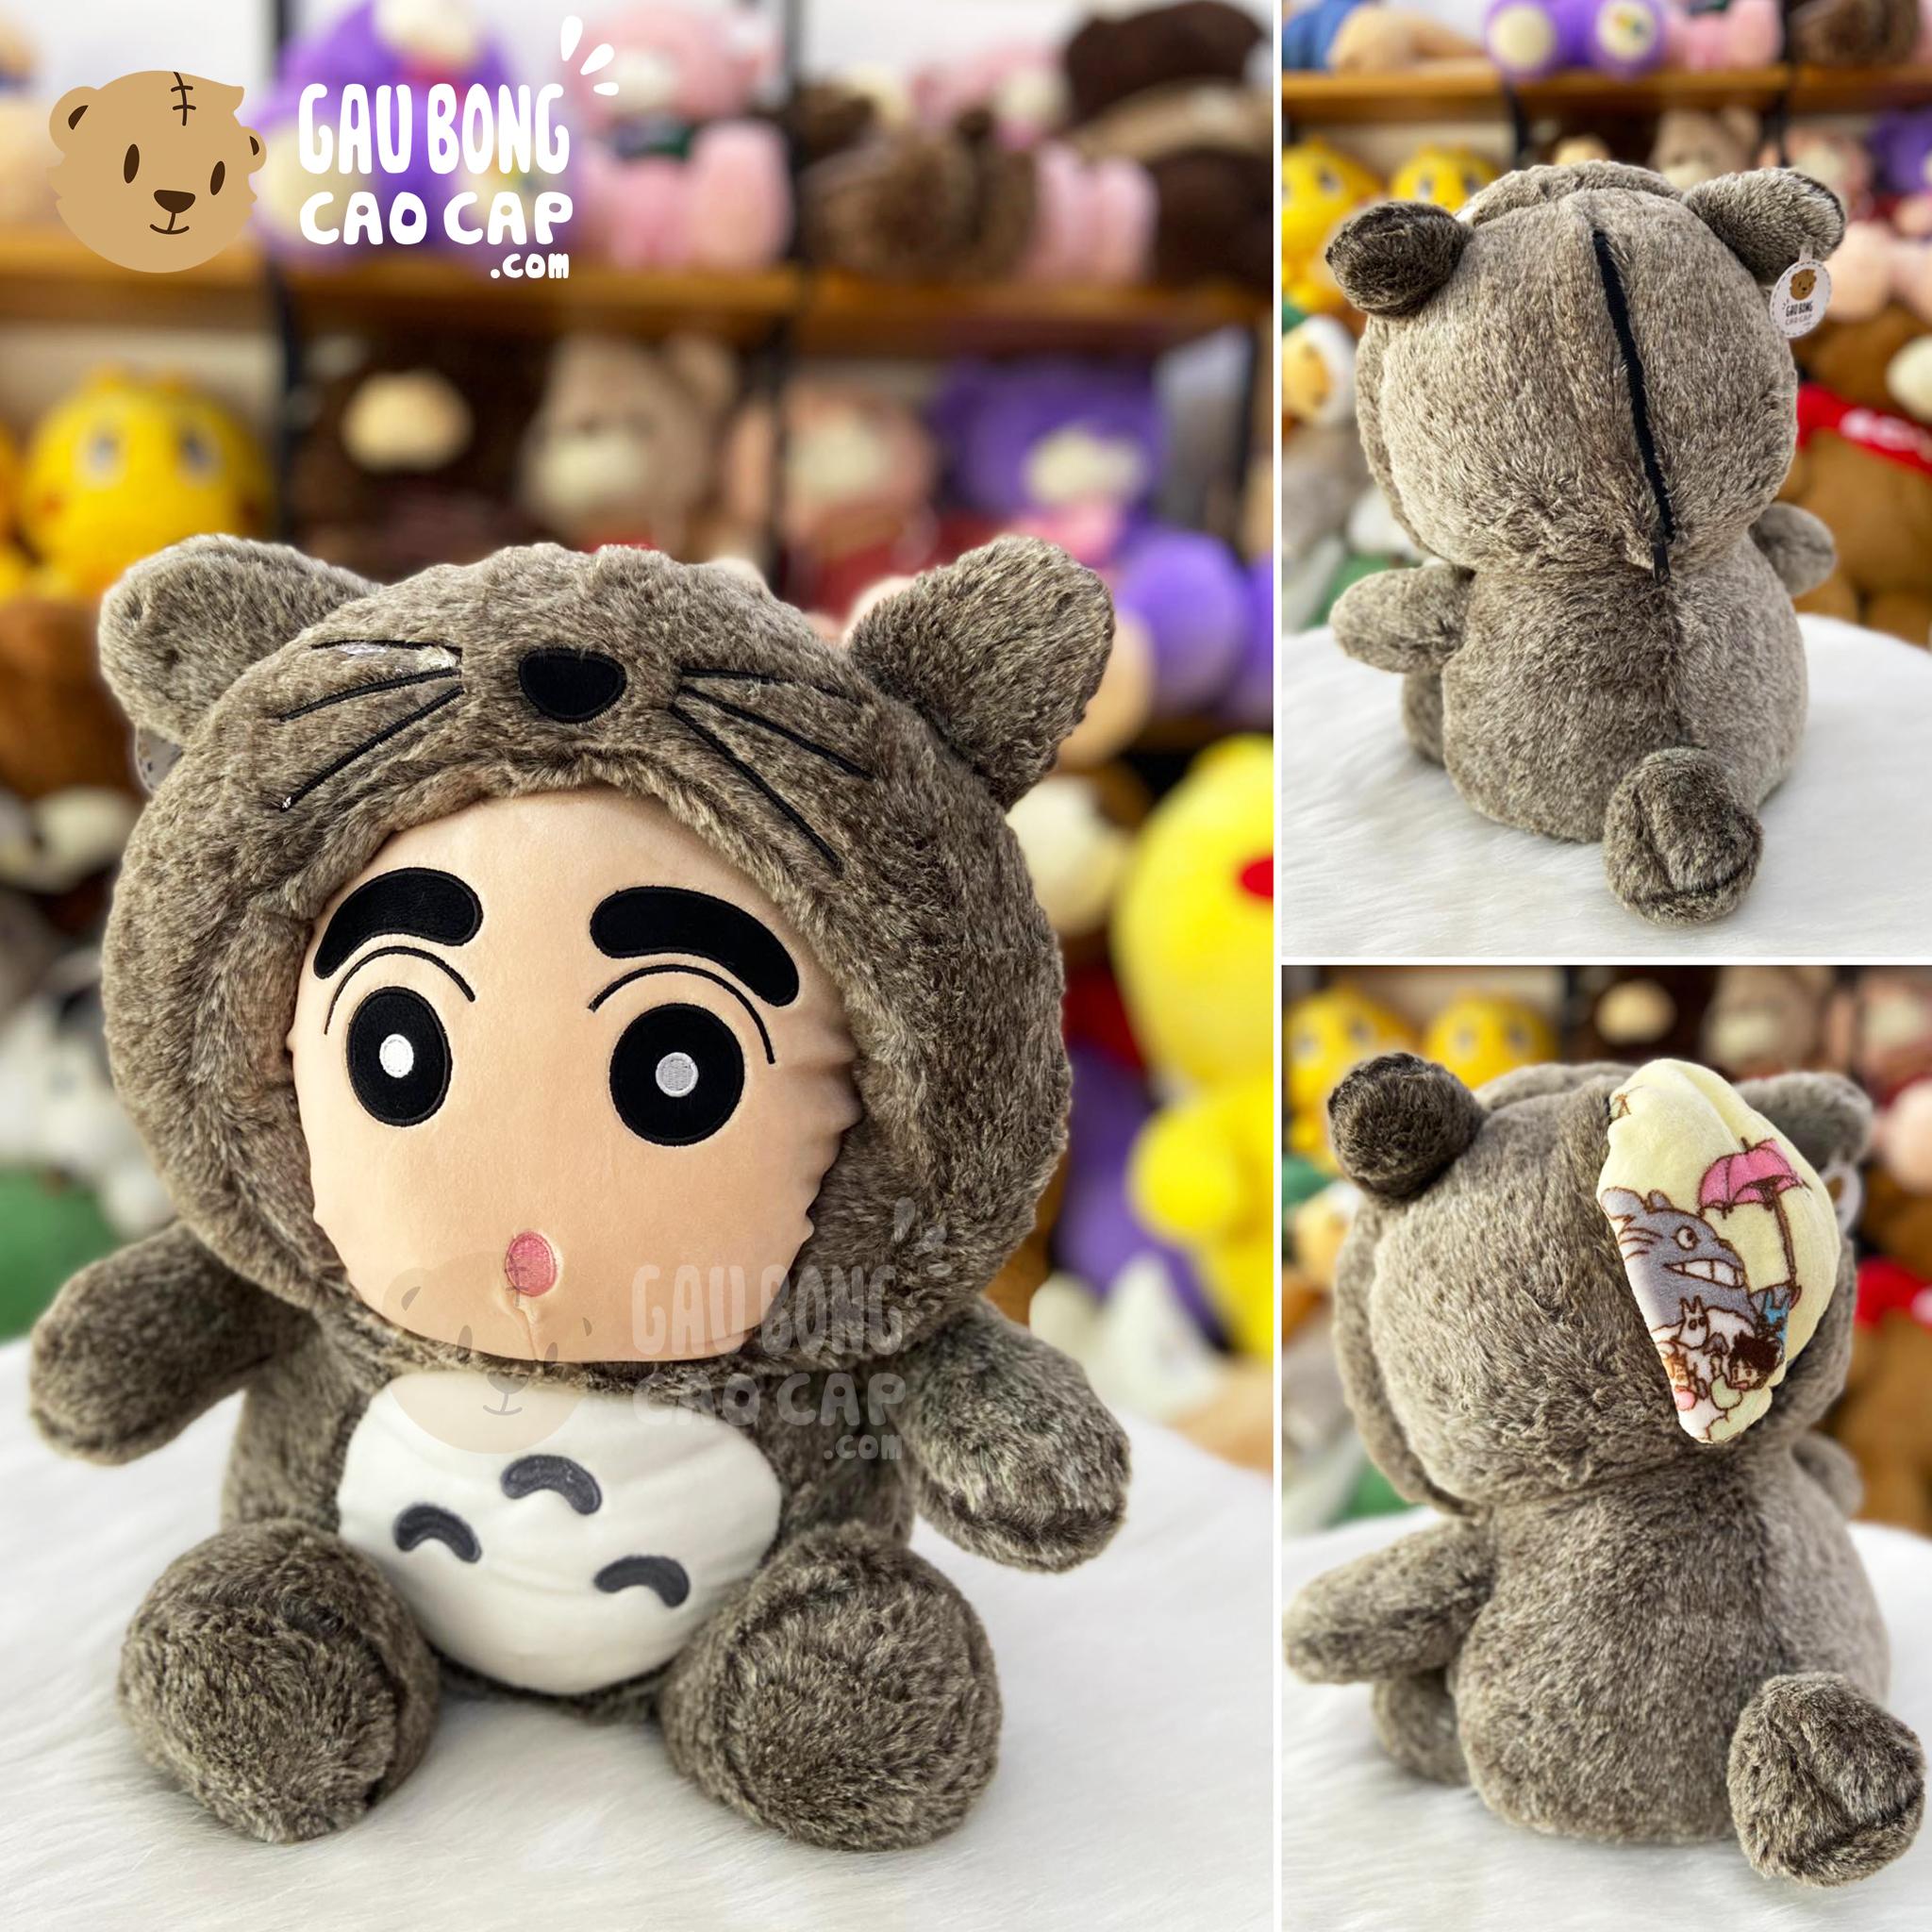 Gối mền SHIN cosplay Totoro lông tơ